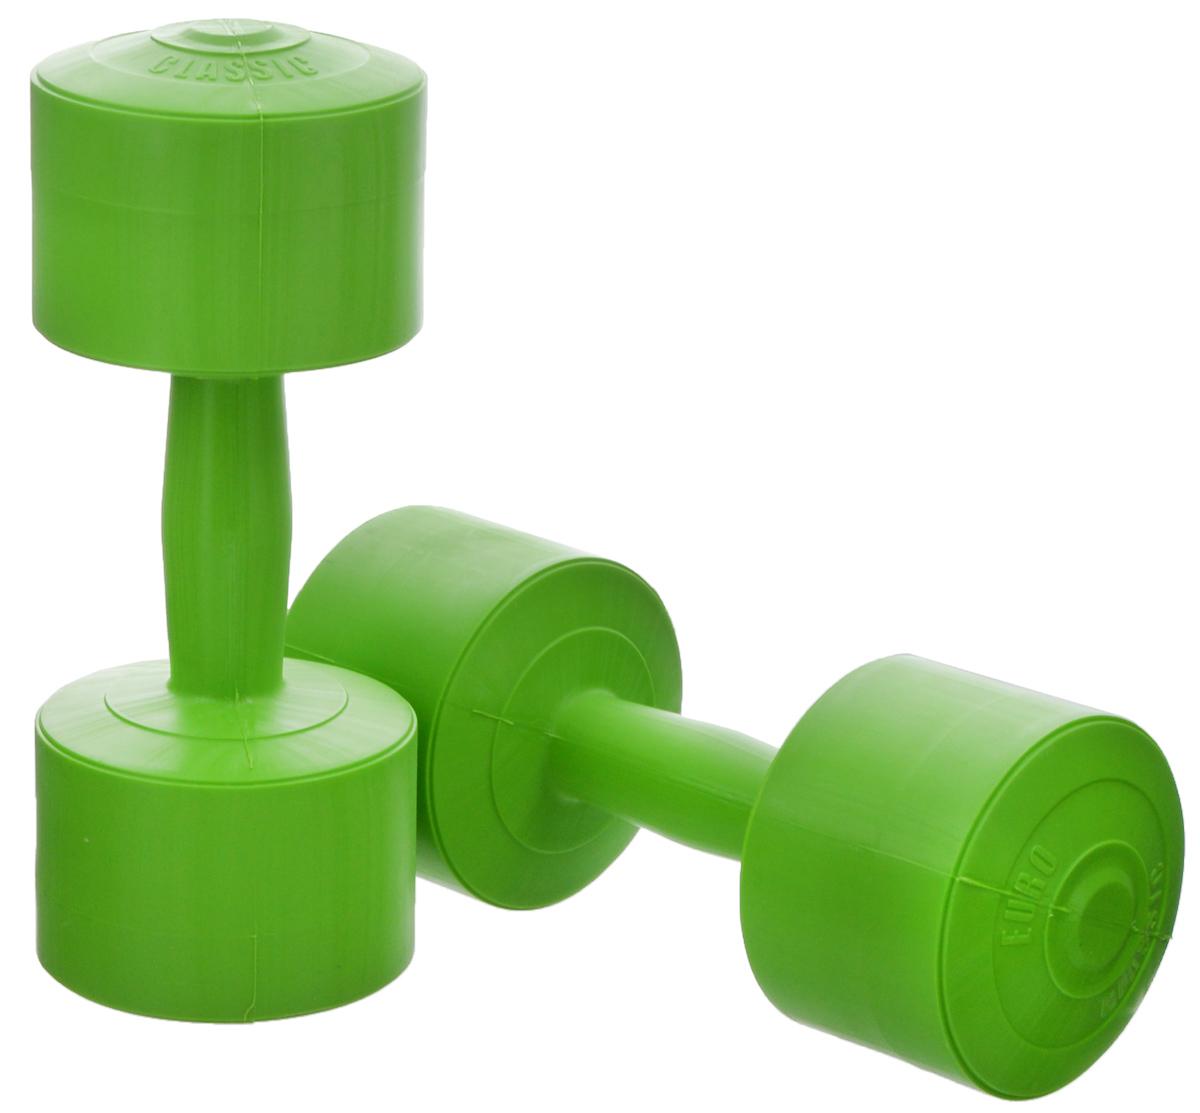 Гантели виниловые Euro-Classic, цвет: зеленый, 3 кг, 2 штГв3_зеленыйГантели Euro-Classic идеально подходят как для тренировок дома, так и в офисе. Гантели помогают укрепить мышцы рук, грудной клетки, верхней части спины и плеч. Внешнее покрытие изделий выполнено из прочного ПВХ, наполнитель - композитная смесь цемента и песка.